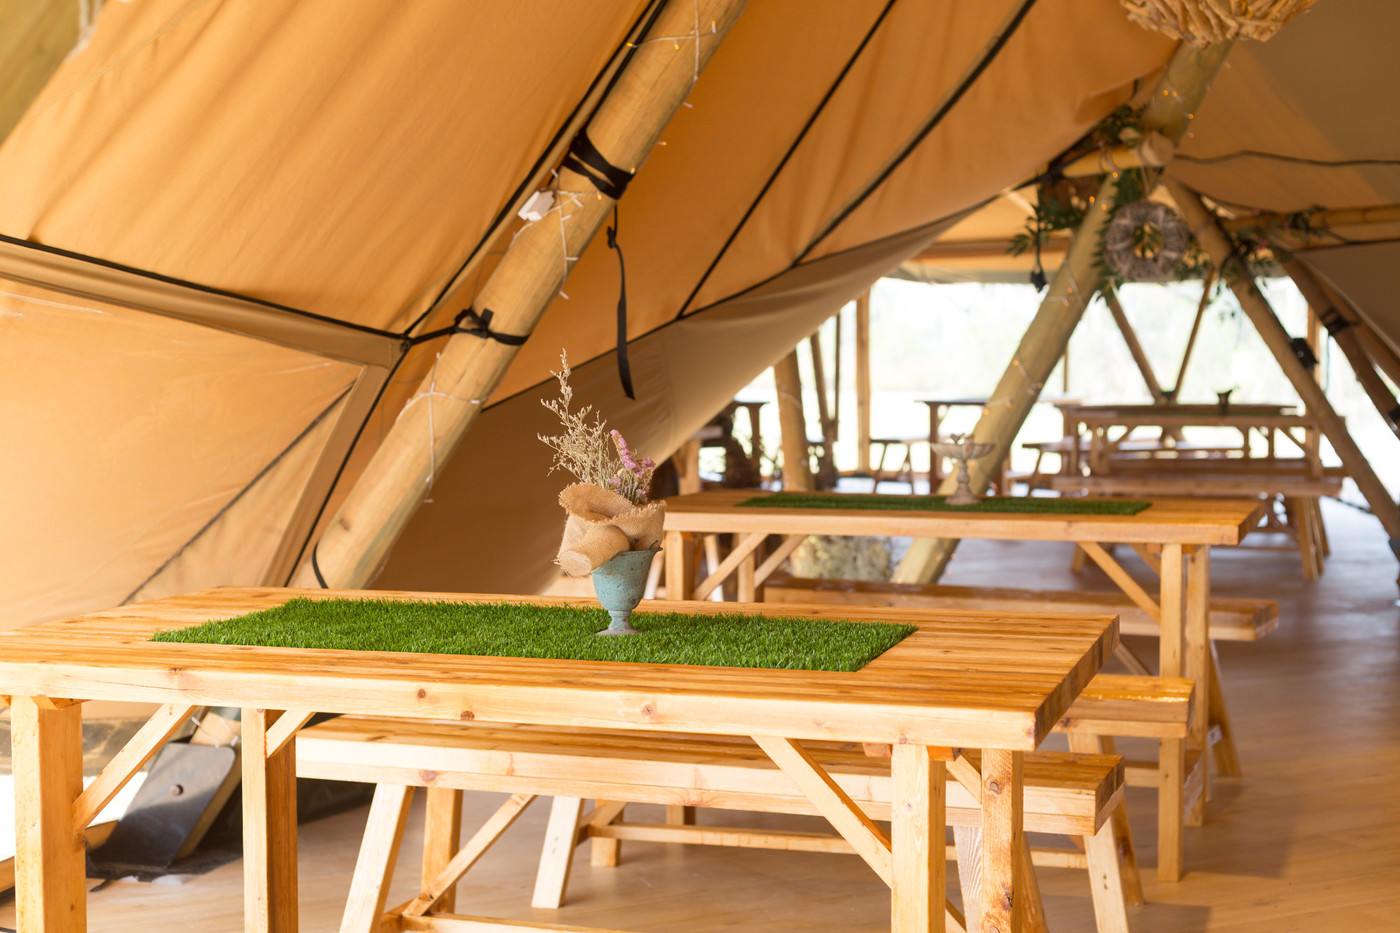 喜马拉雅印第安多功能大厅—淮安白马湖生态旅游度假区30